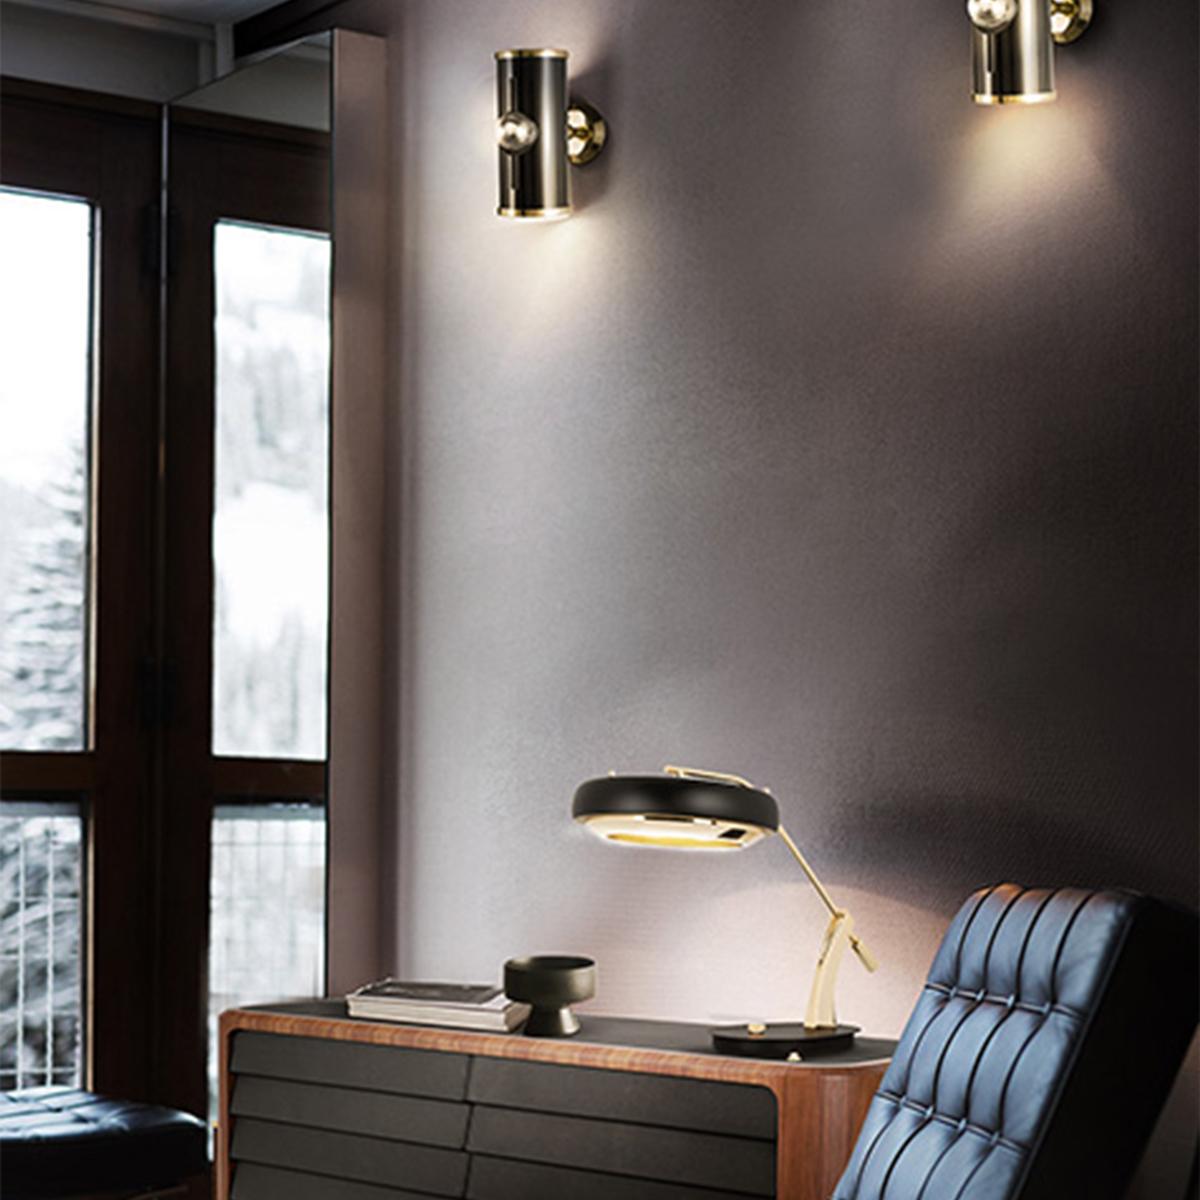 Lámparas de mesa: Ideias poderosas para un proyecto lujuoso lámparas de mesa Lámparas de mesa: Ideias poderosas para un proyecto lujuoso DELIGHTFULL CARTER DESK TABLE LAMP 02